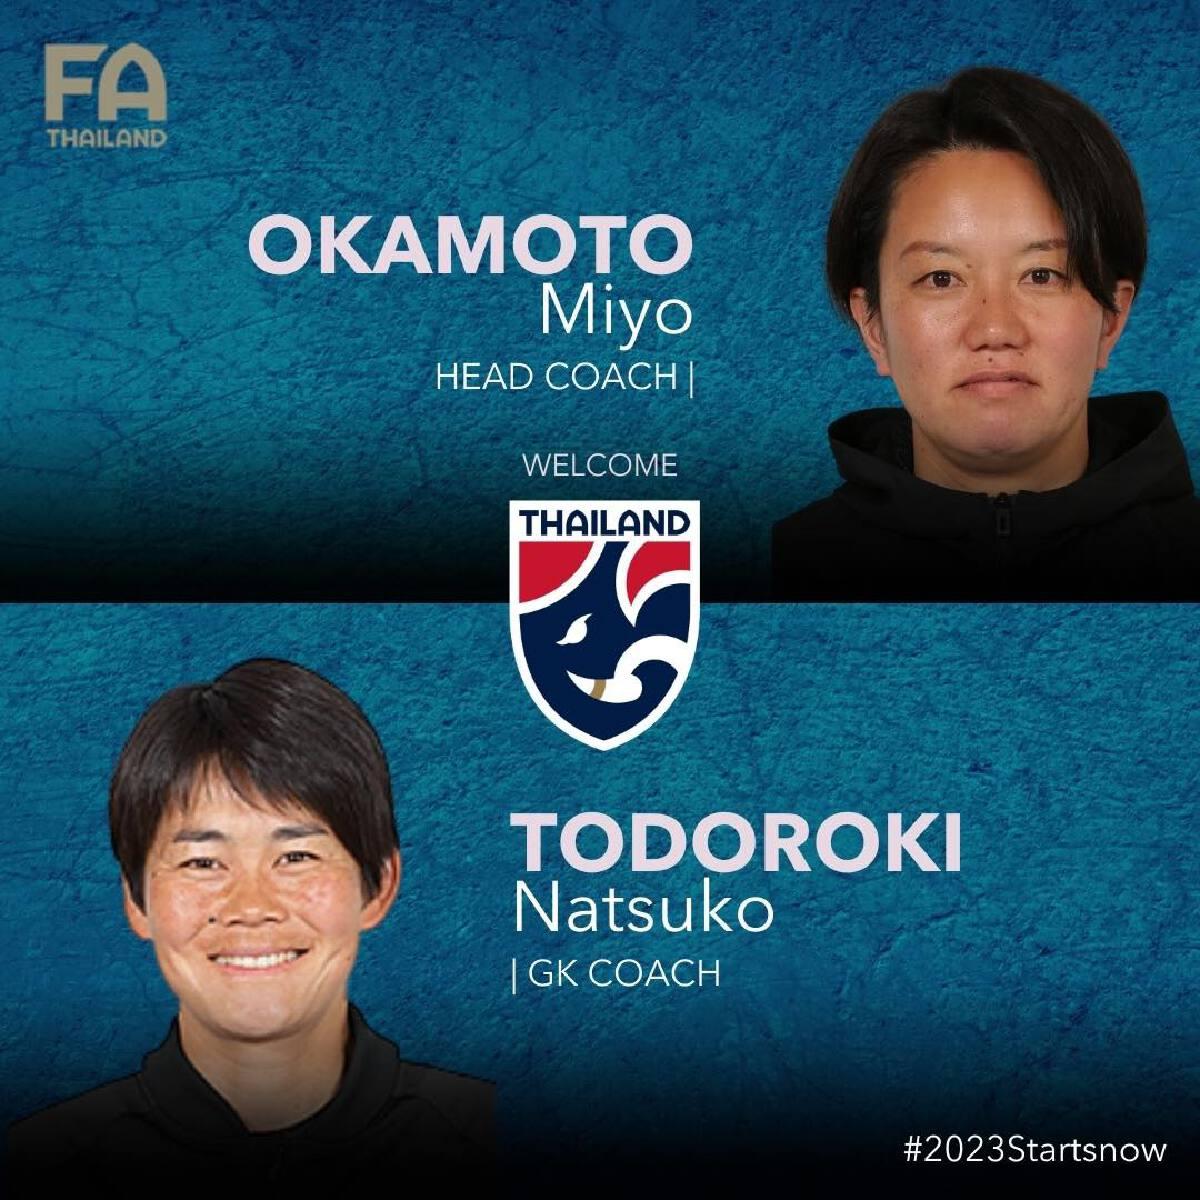 สมาคมฟุตบอลฯเปิดตัว อดีตผช.โค้ชเเข้งสาวญี่ปุ่น ชุดแชมป์โลกยู-20